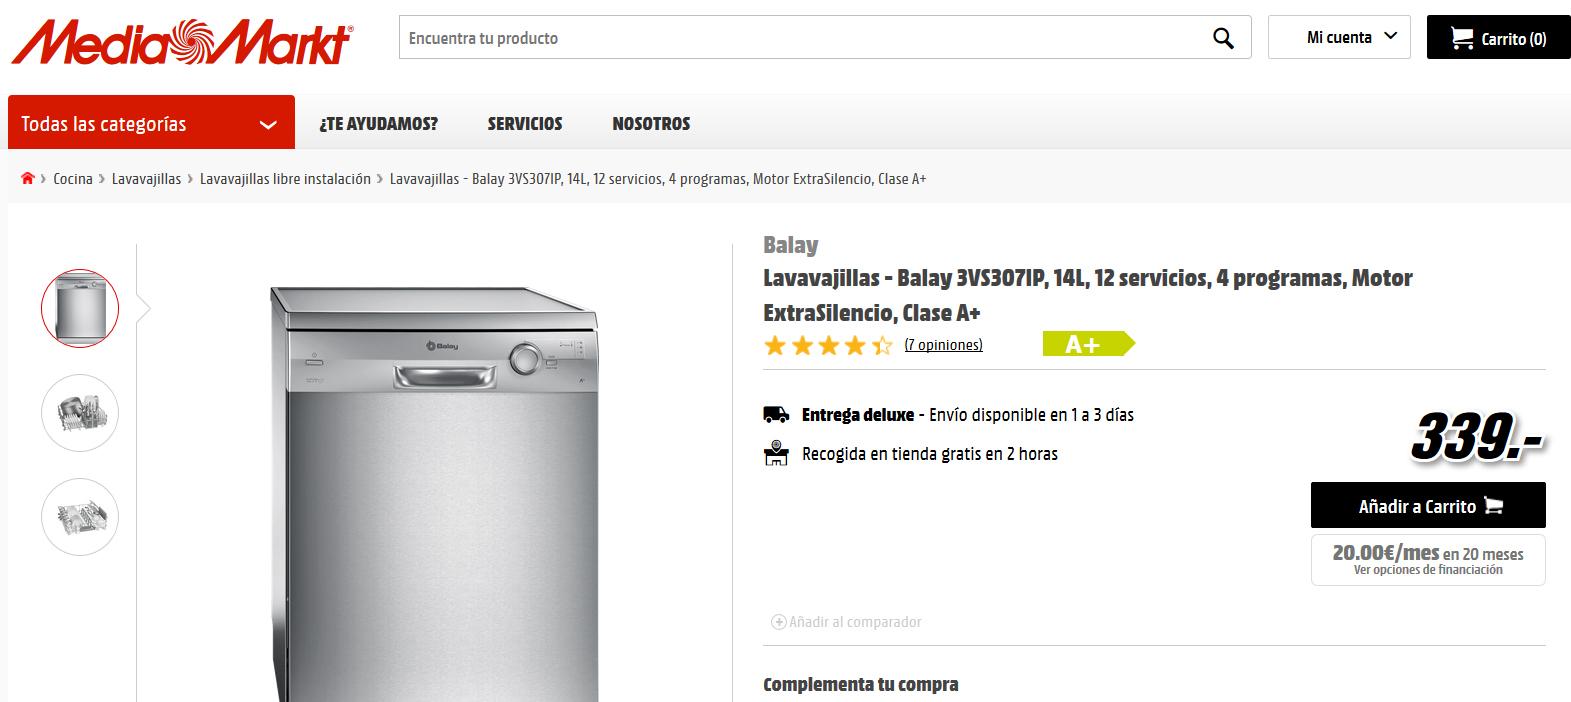 lavavajillas_precios_mediamarkt